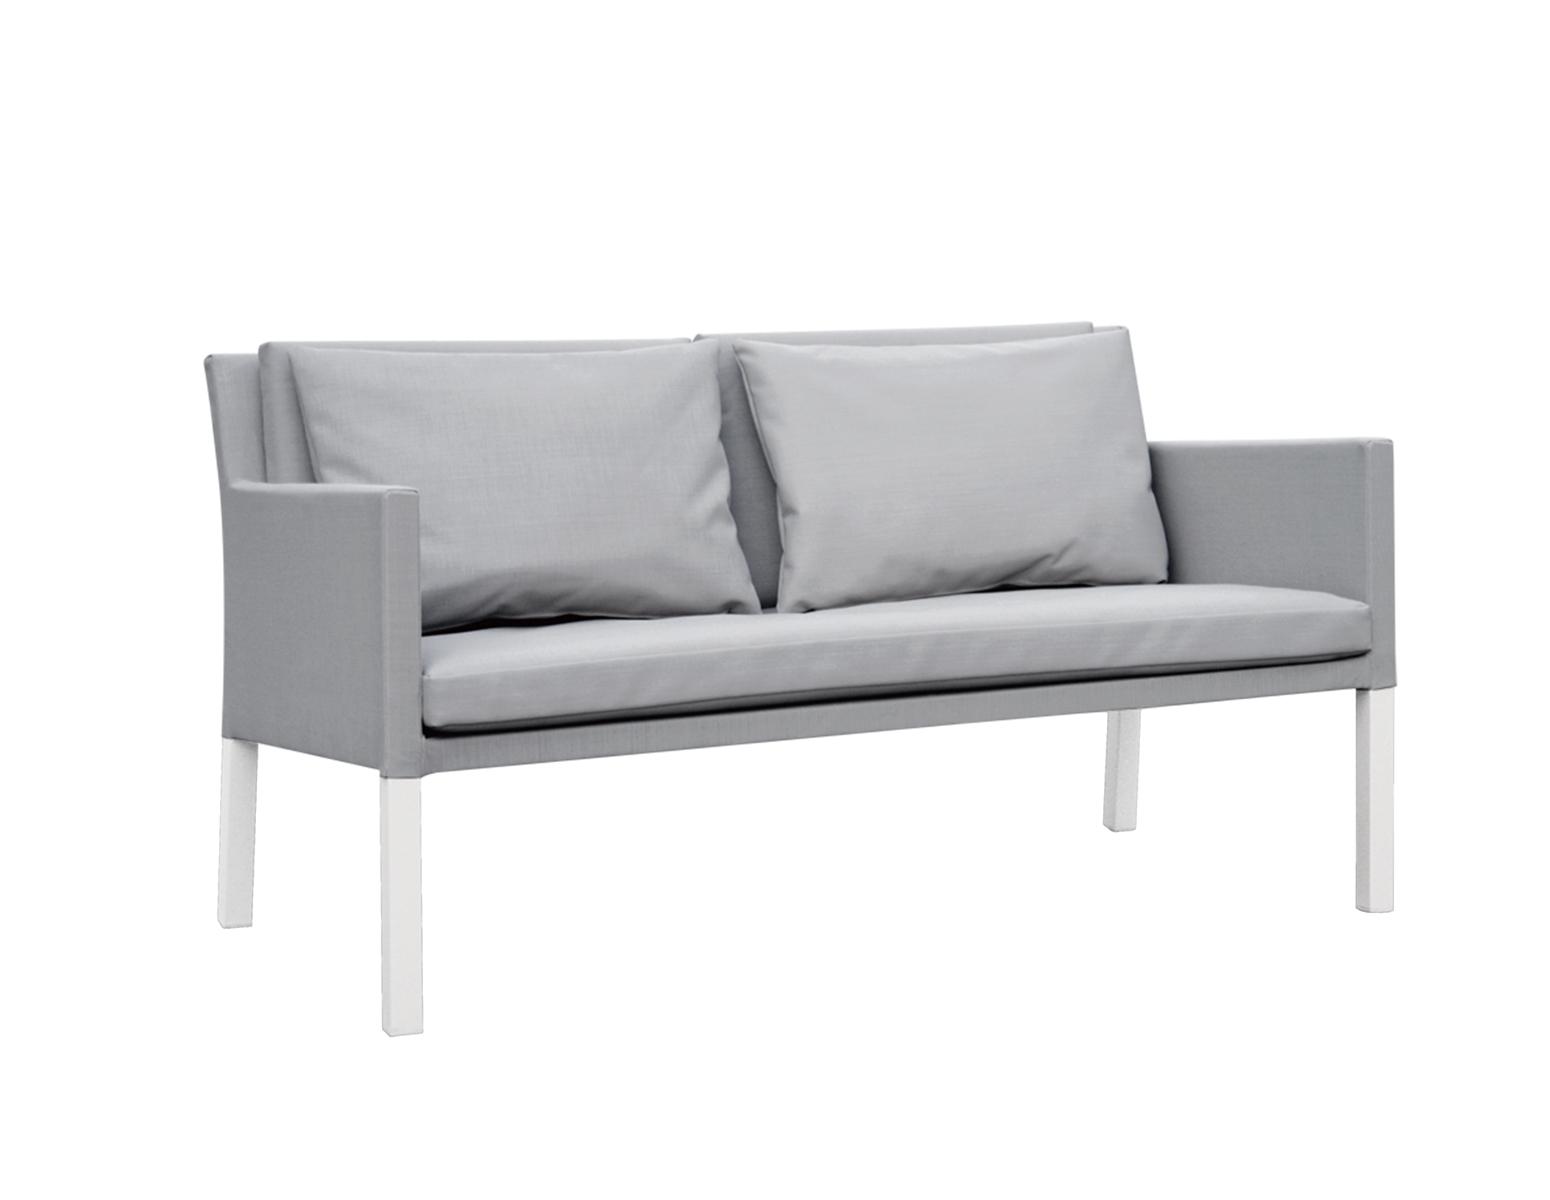 VERONA SOFA - Mobilier de jardin Meuble design Intérieur Extérieur